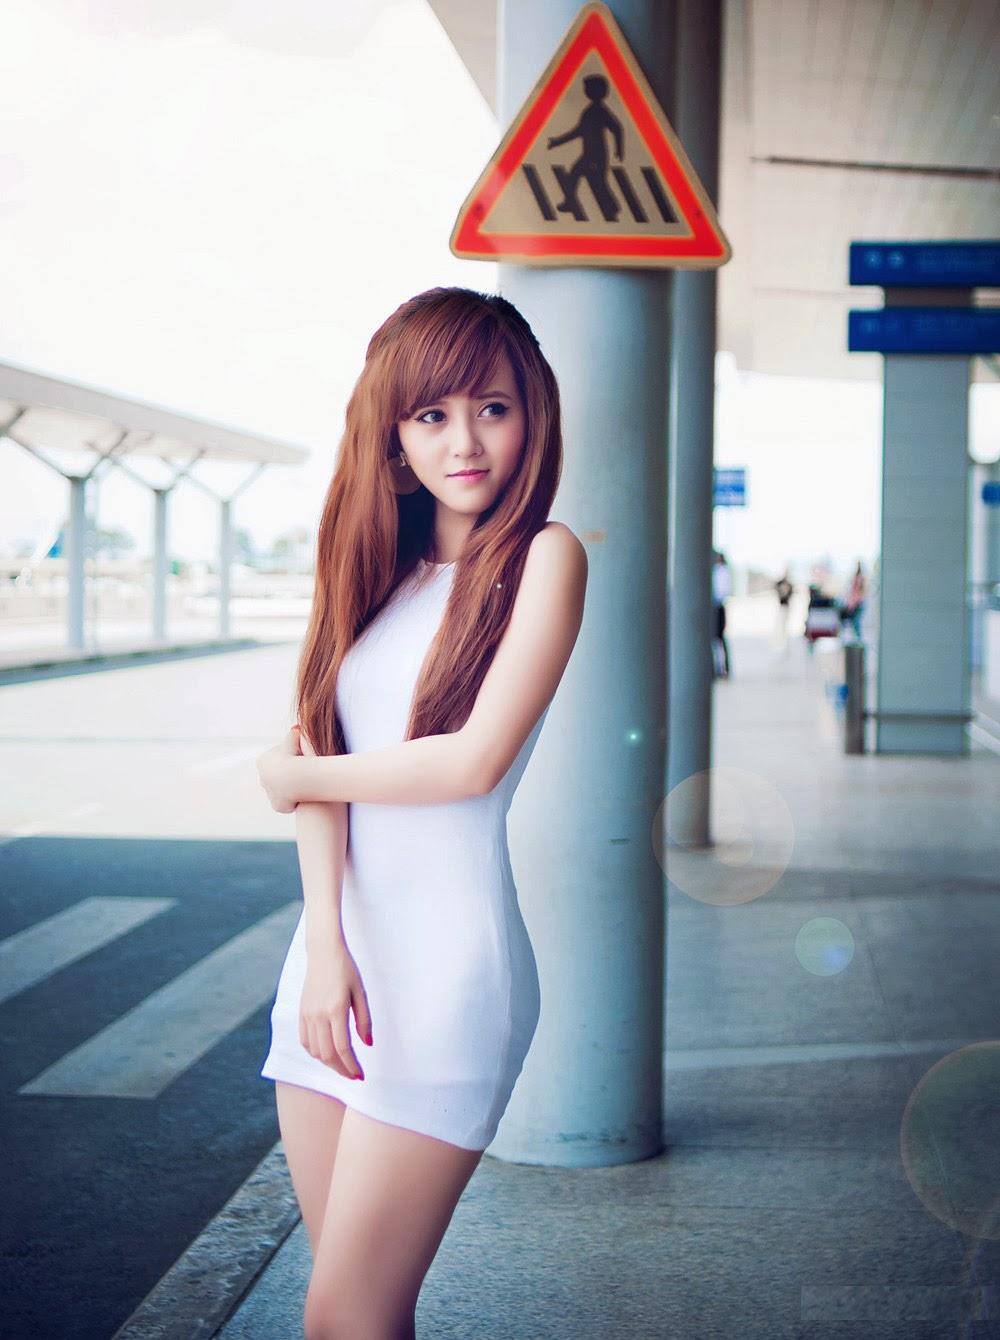 Tổng hợp gái xinh bưởi đẹp, chân dài, da trắng